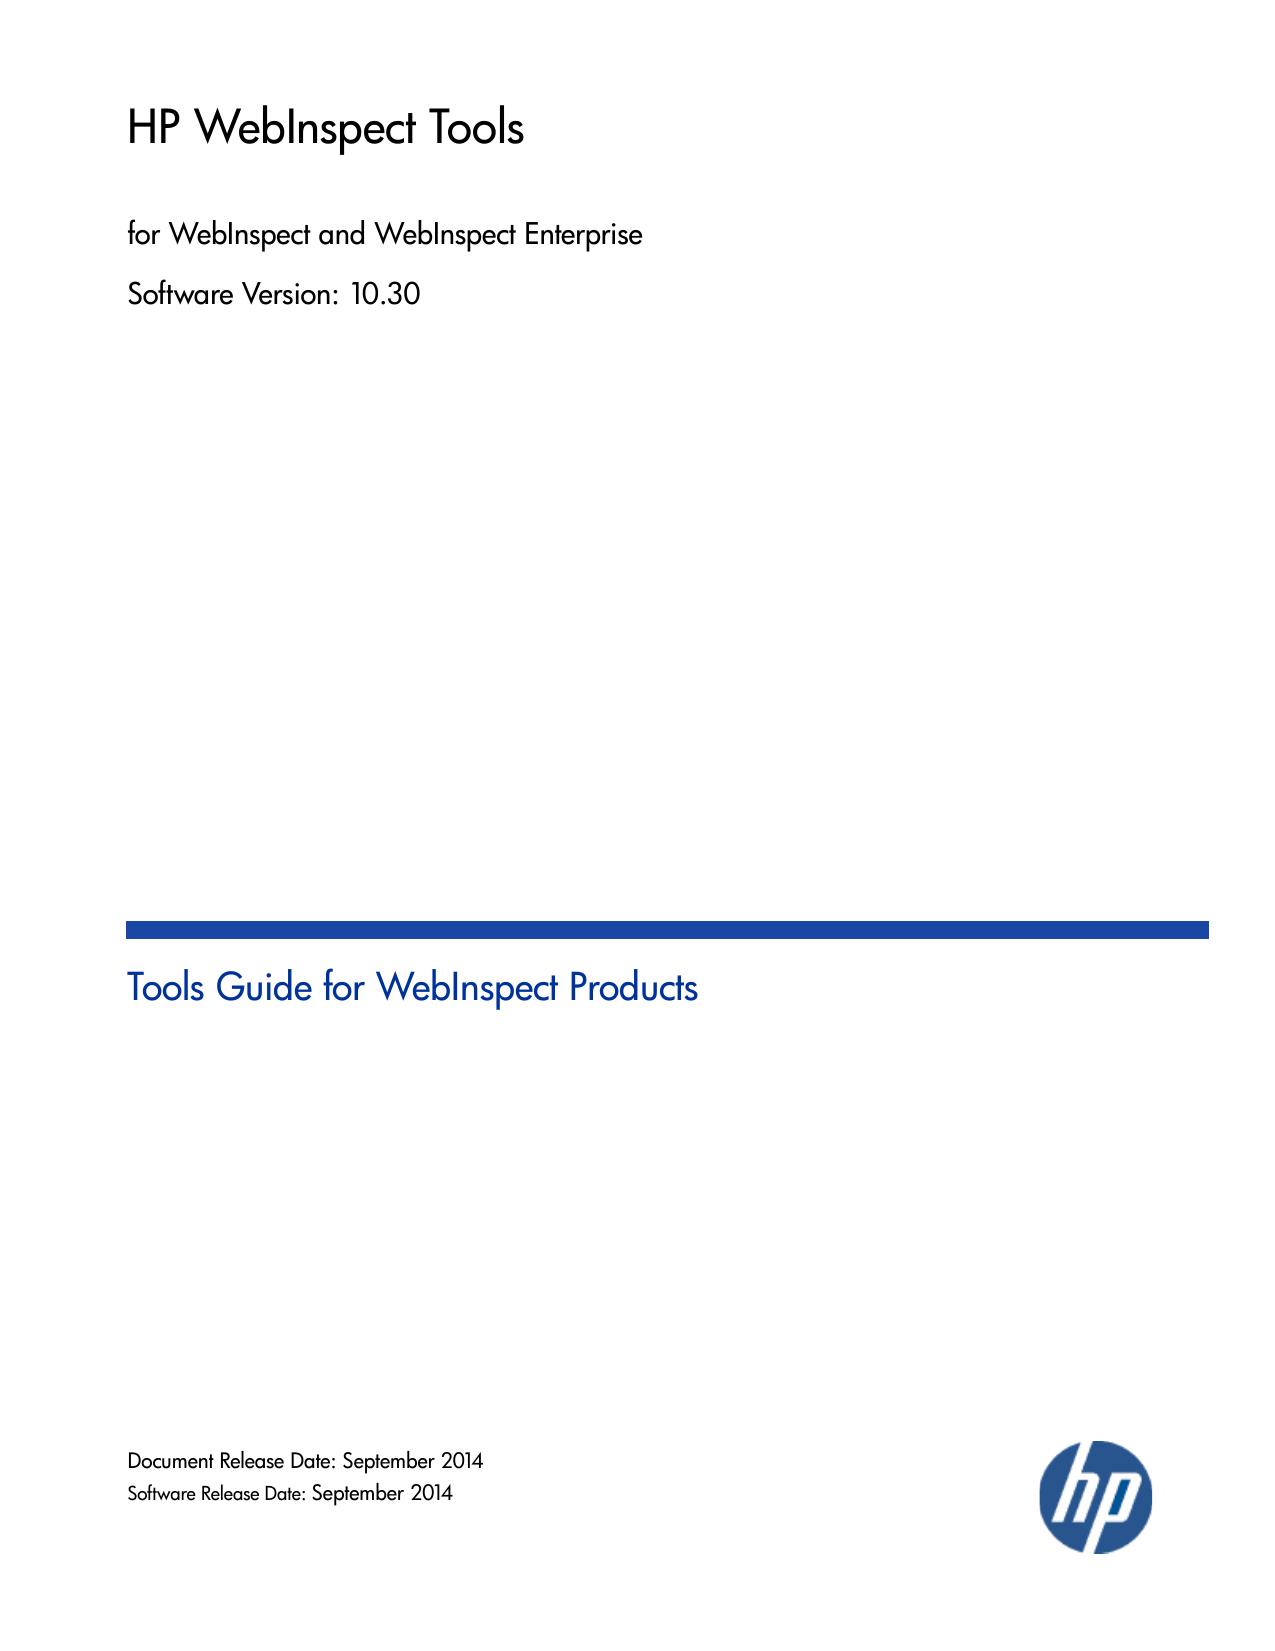 Tools Guide book | manualzz com